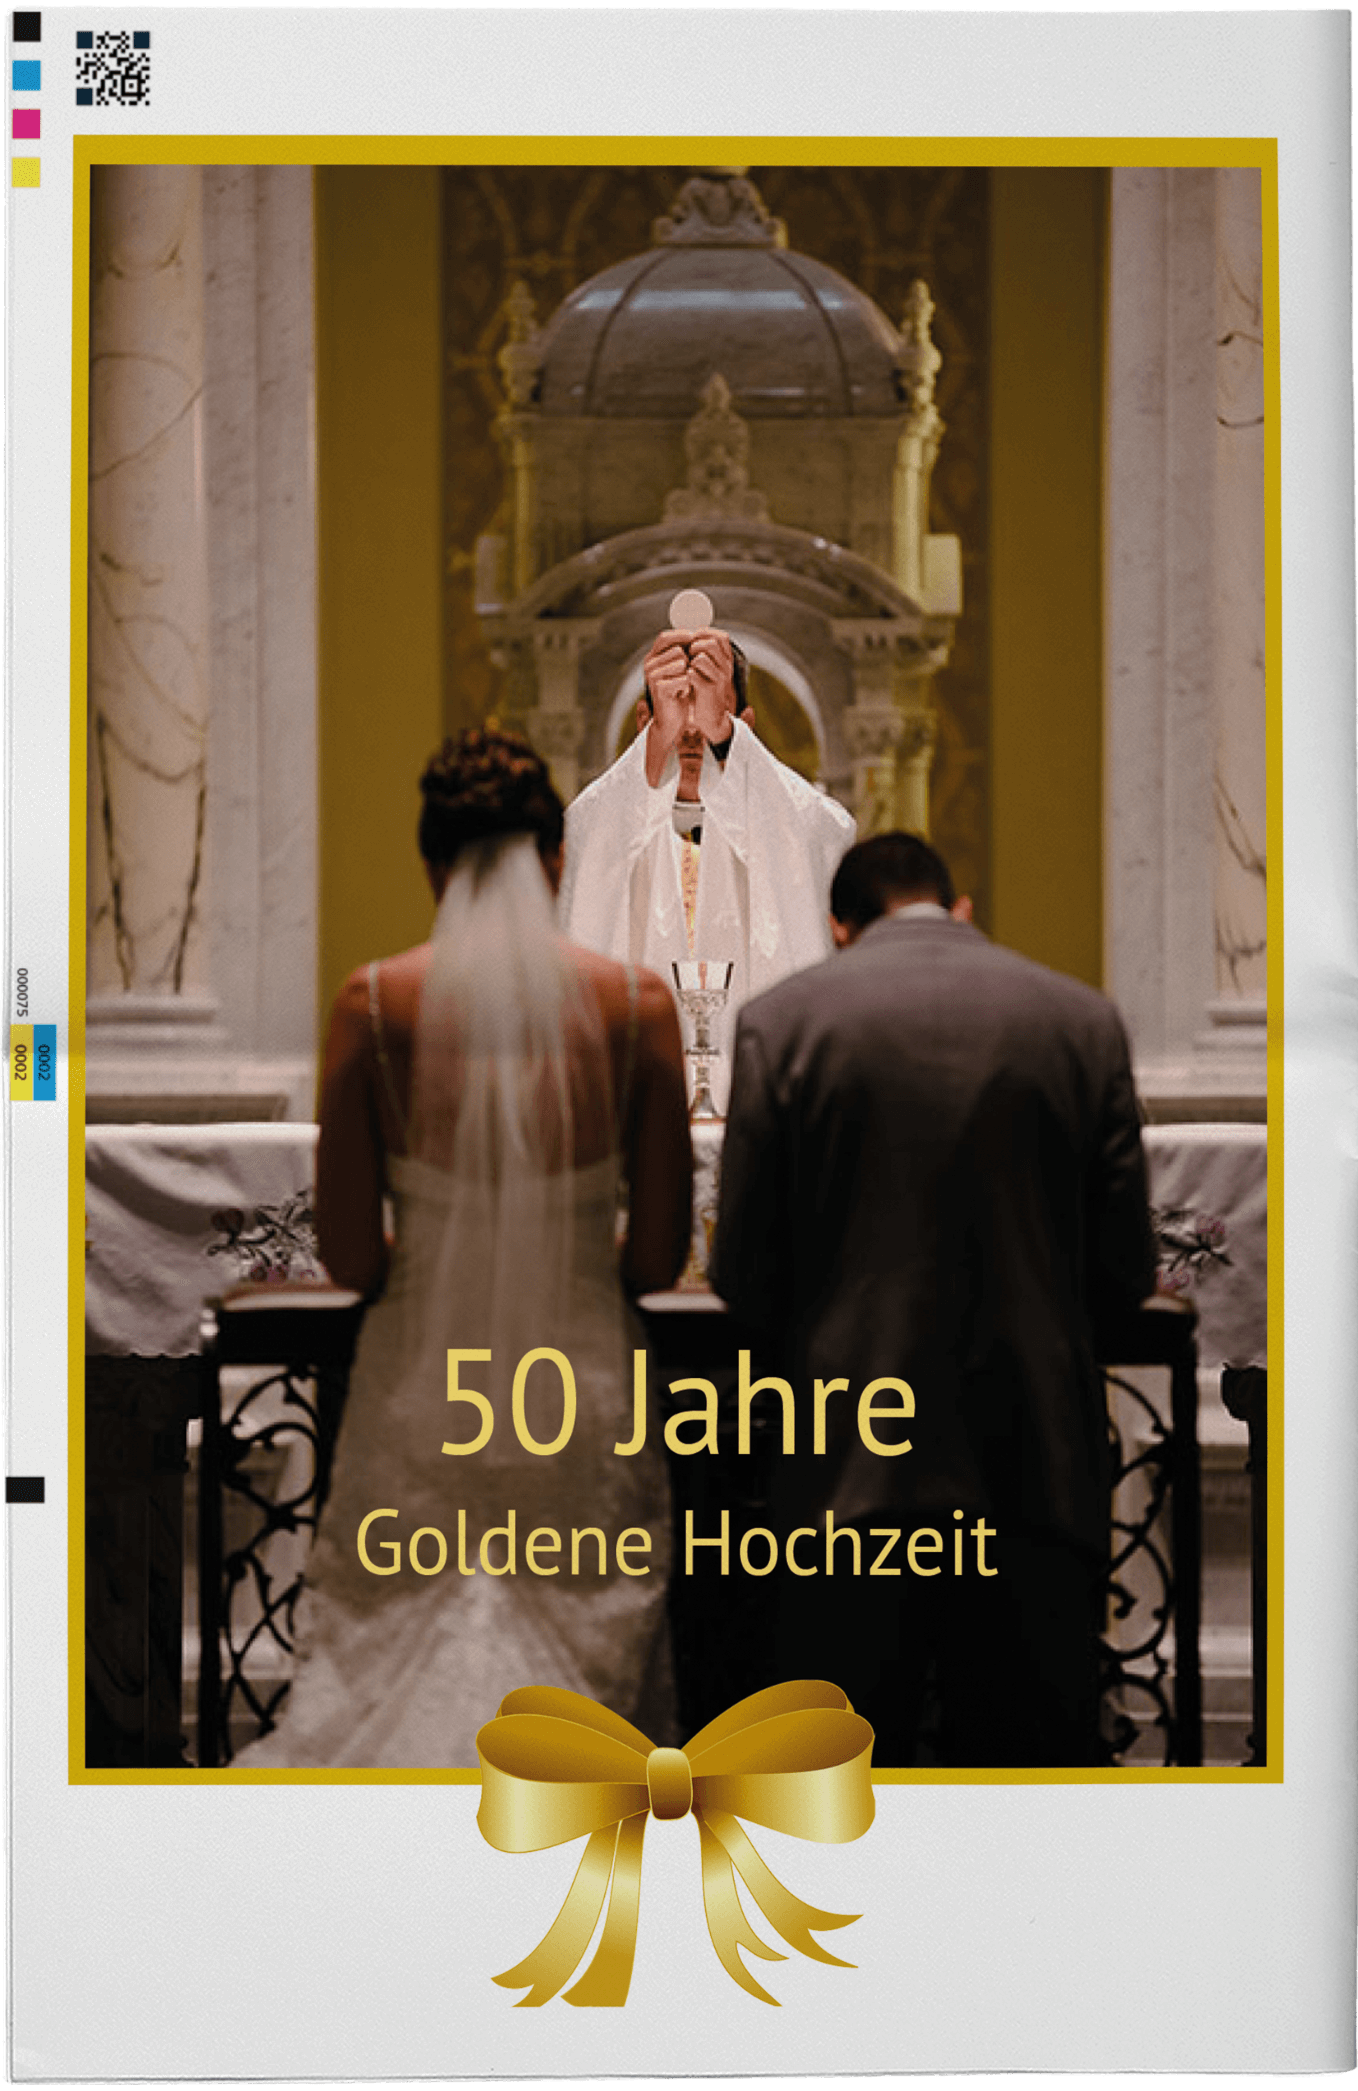 Beispiel für die Titelseite einer Hochzeitszeitung zur Goldenen Hochzeit